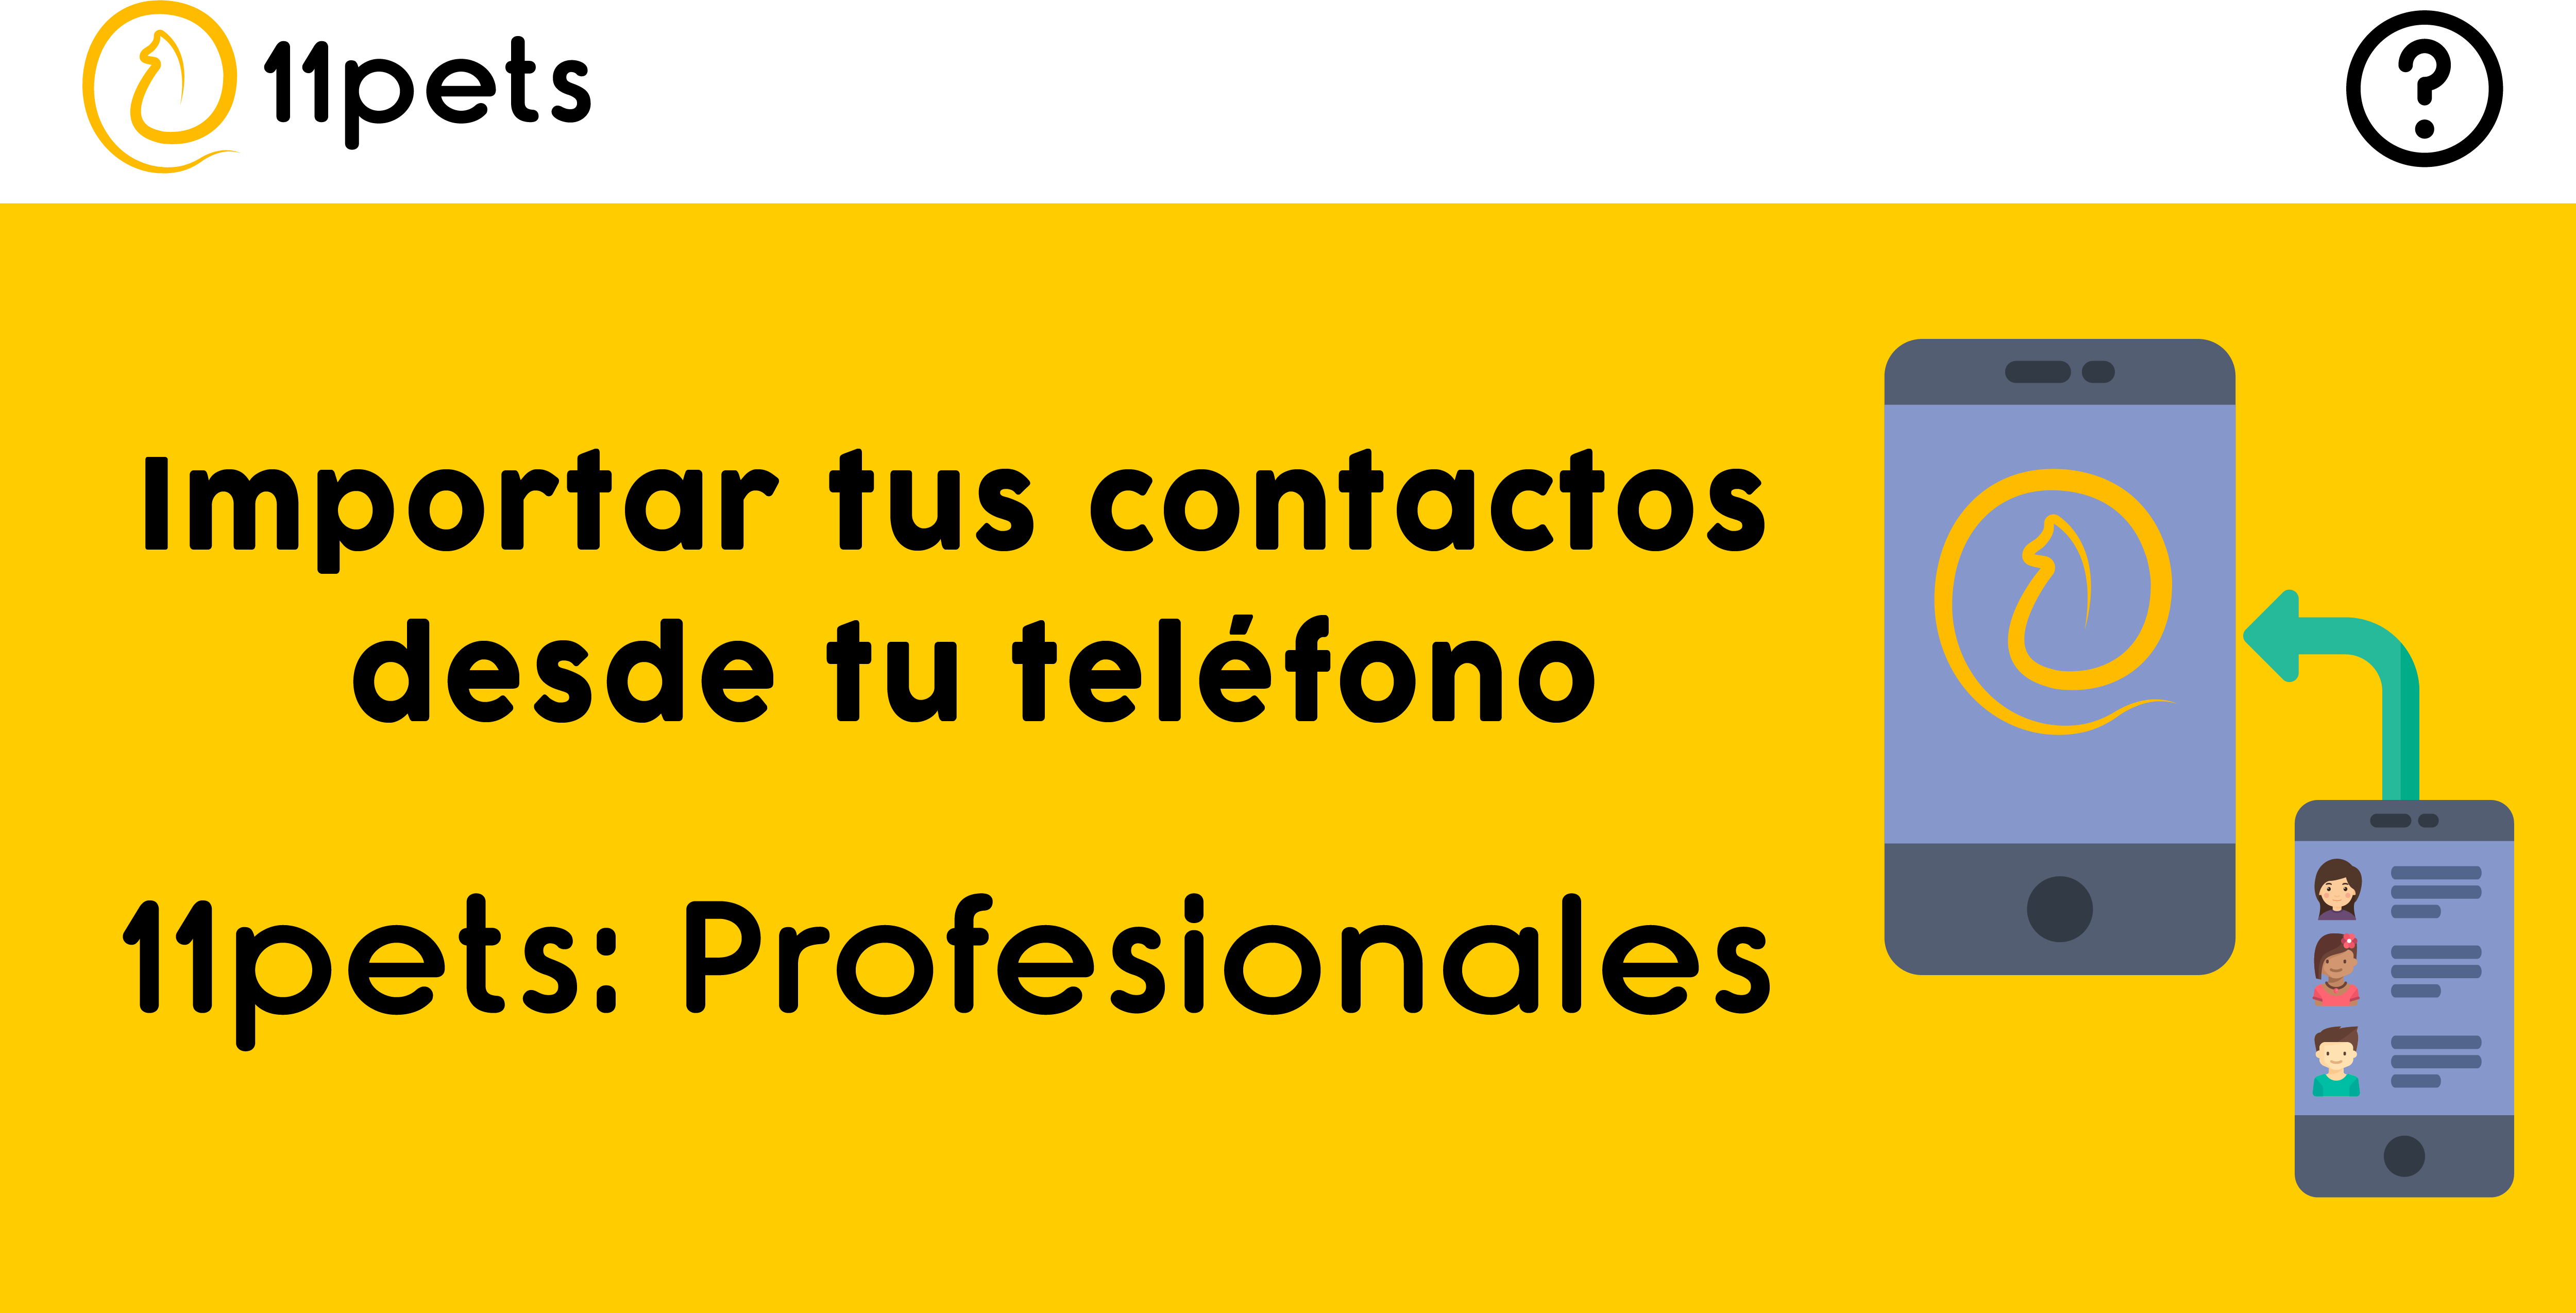 Importar los contactos de tus desde tu teléfono